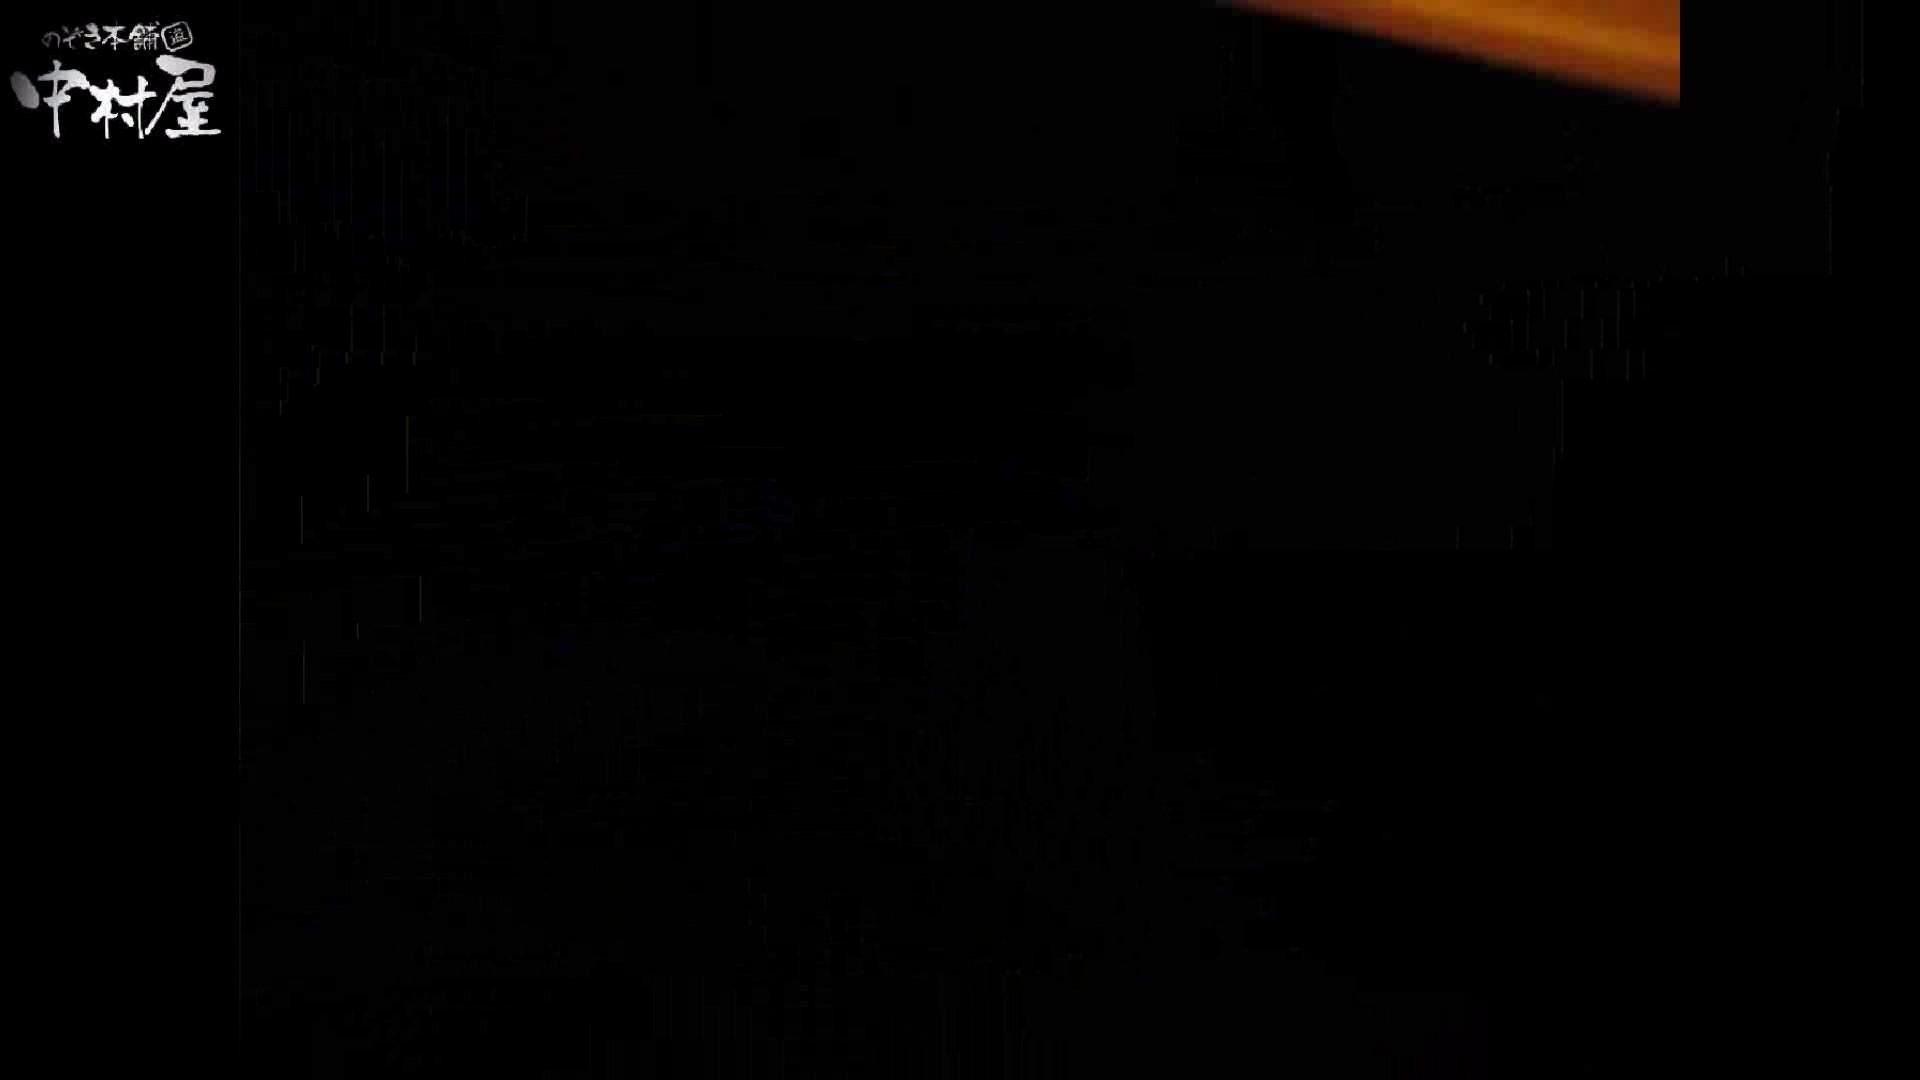 民家風呂専門盗撮師の超危険映像 vol.008 盗撮 おめこ無修正画像 88枚 33